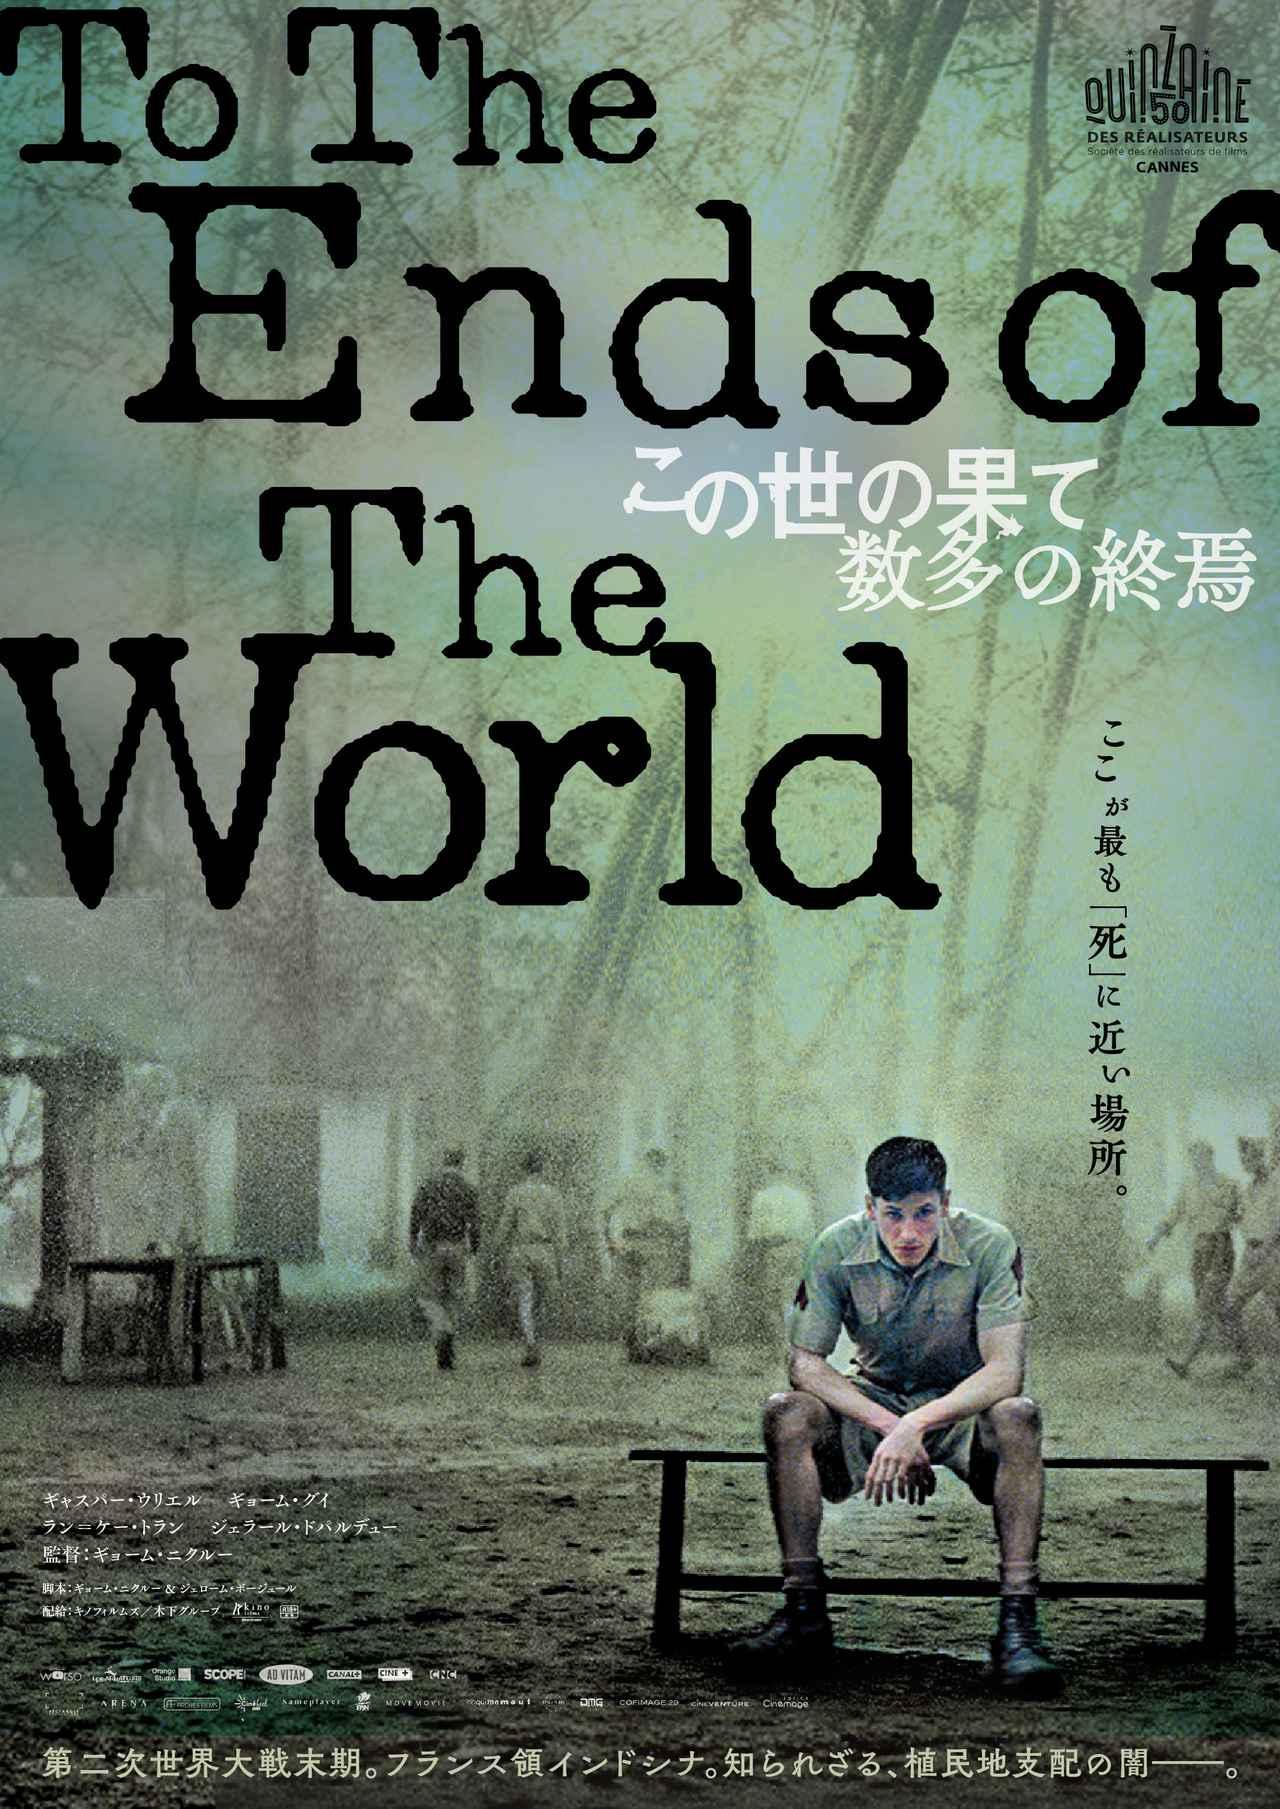 画像: それは人間でいられなくなる地獄…ギャスパー・ウリエル主演の戦争映画が公開